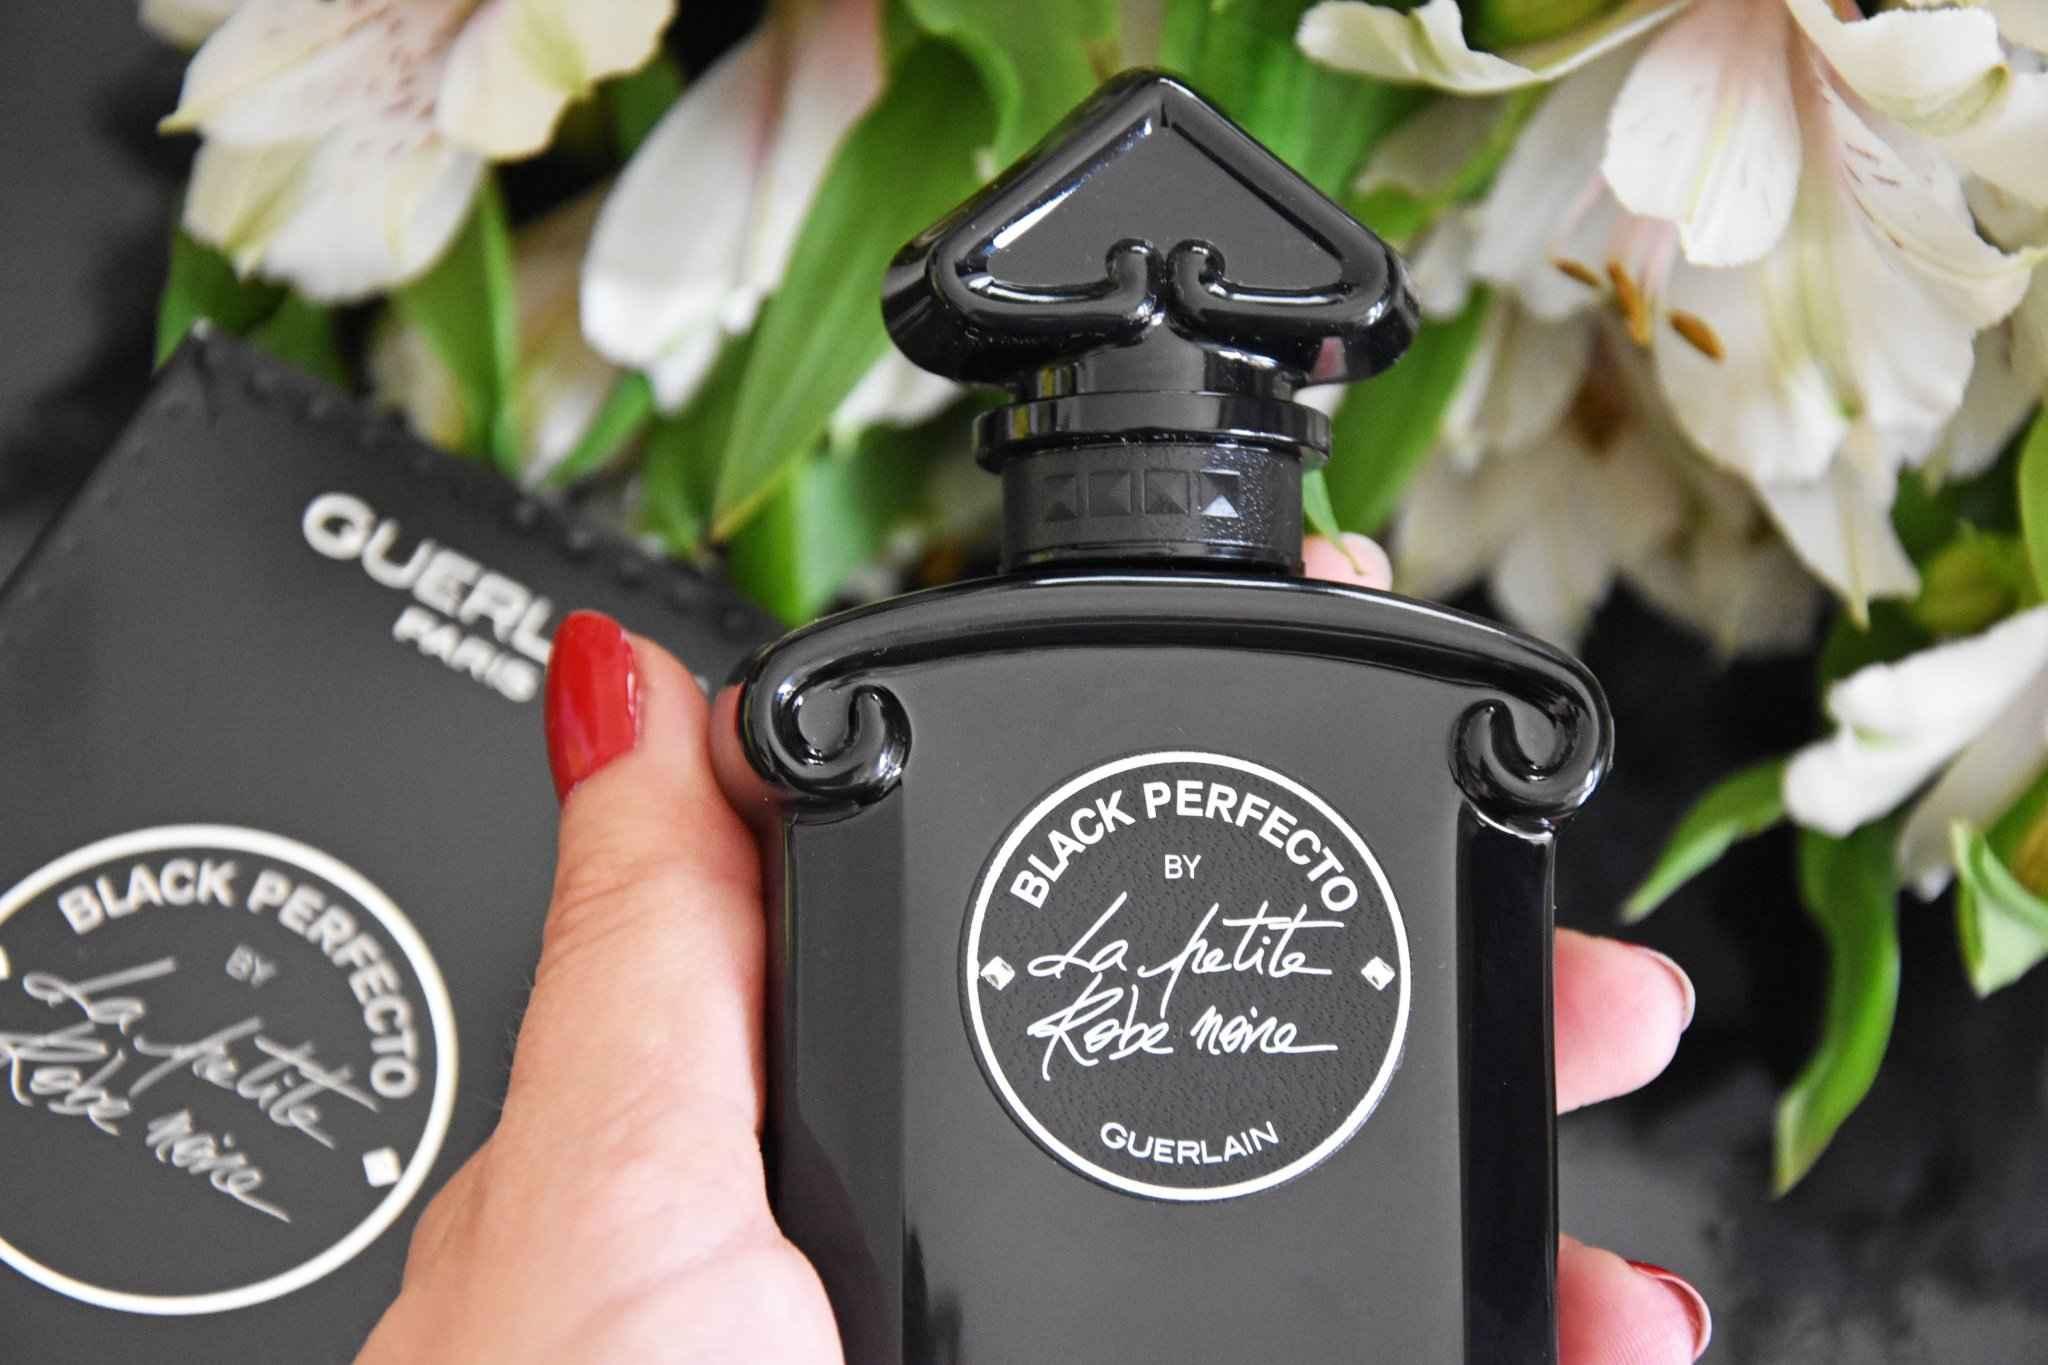 Duftreview: Guerlain - La petite robe noir Black Perfecto